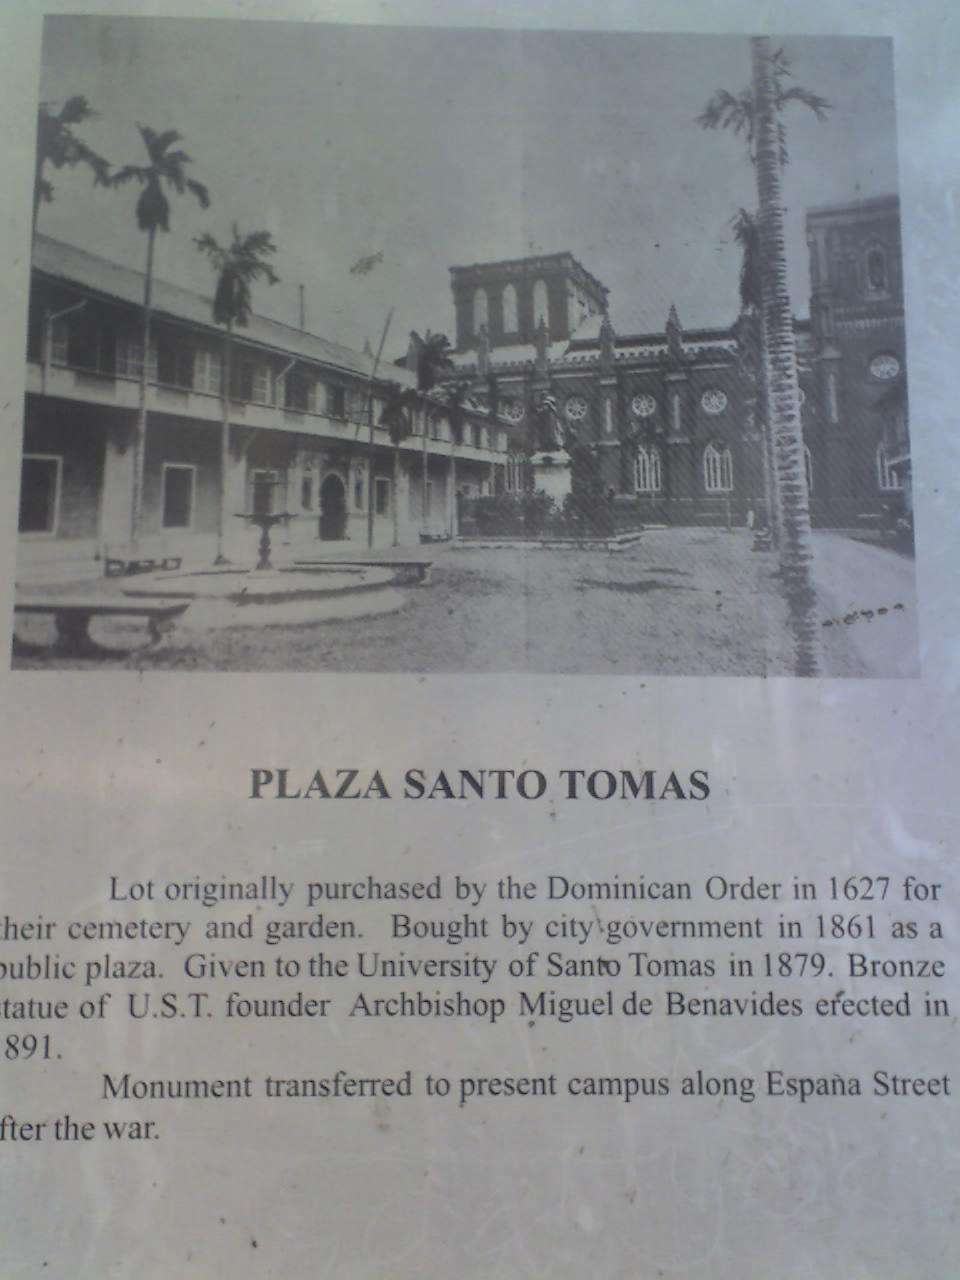 PLAZA DE SANTO TOMÁS